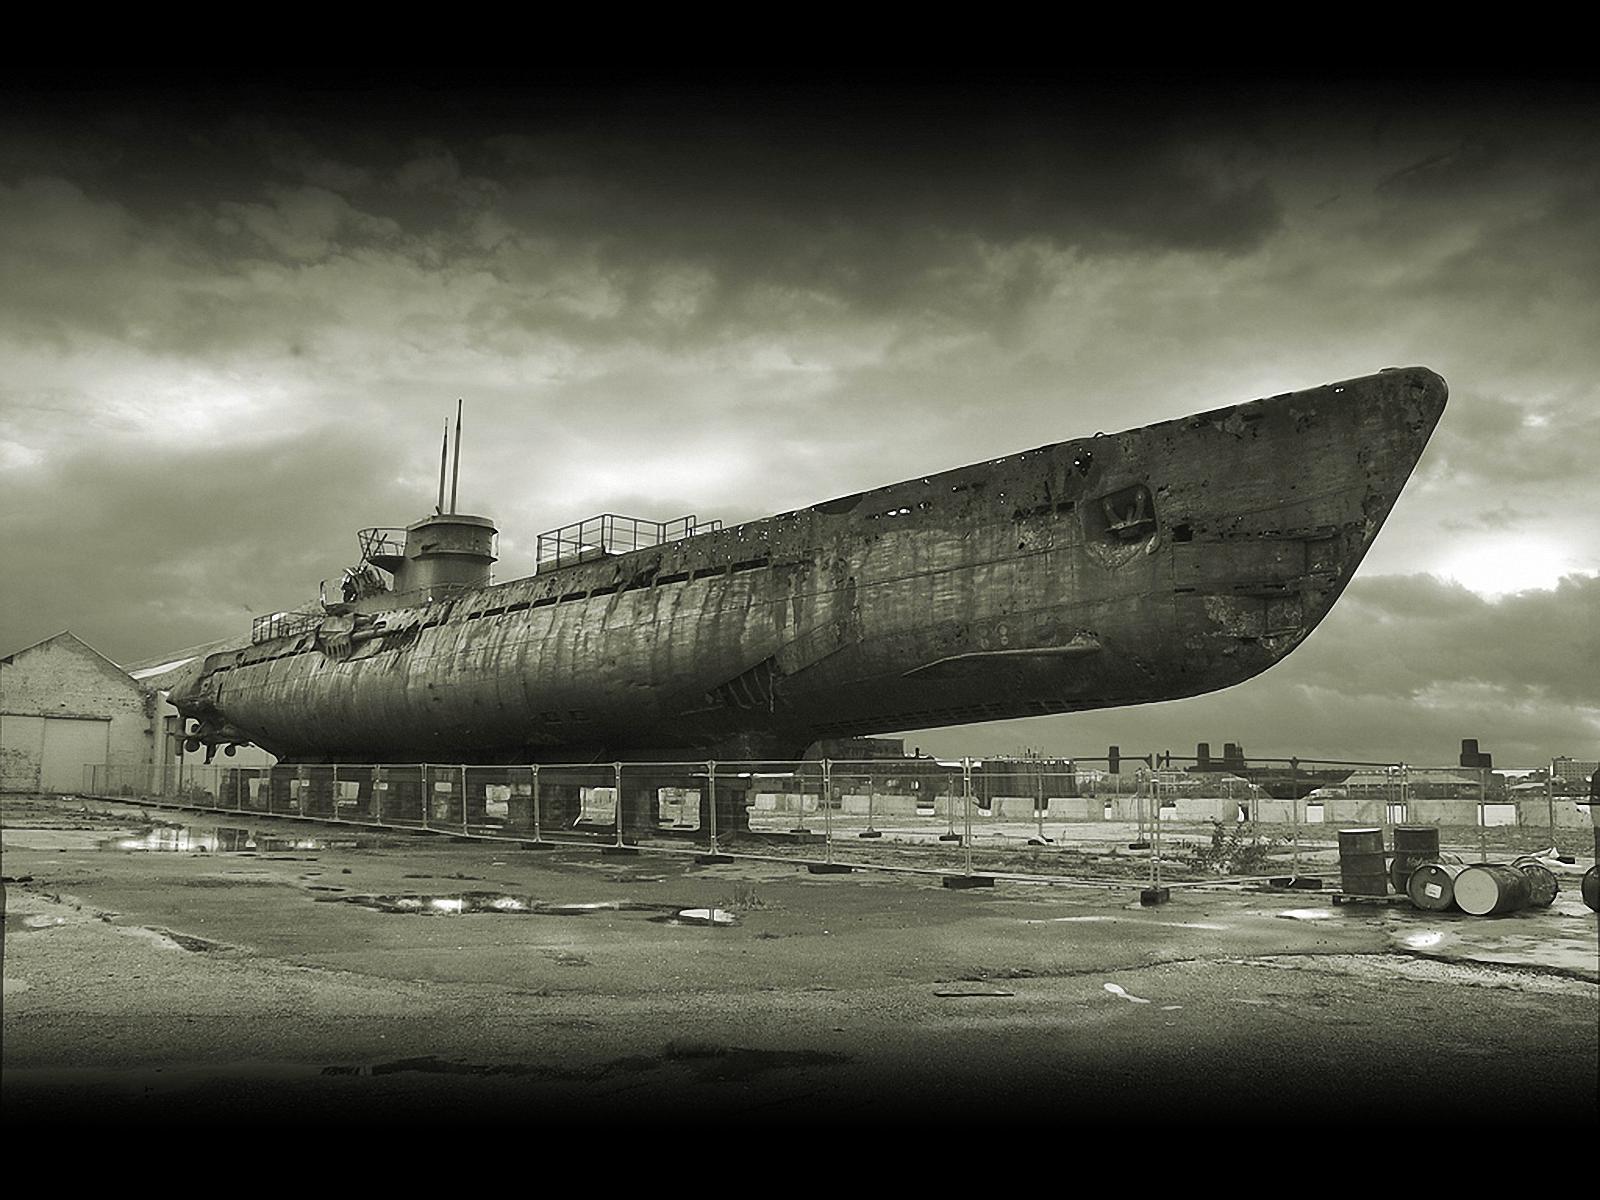 военная машина гитлера. подводные лодки